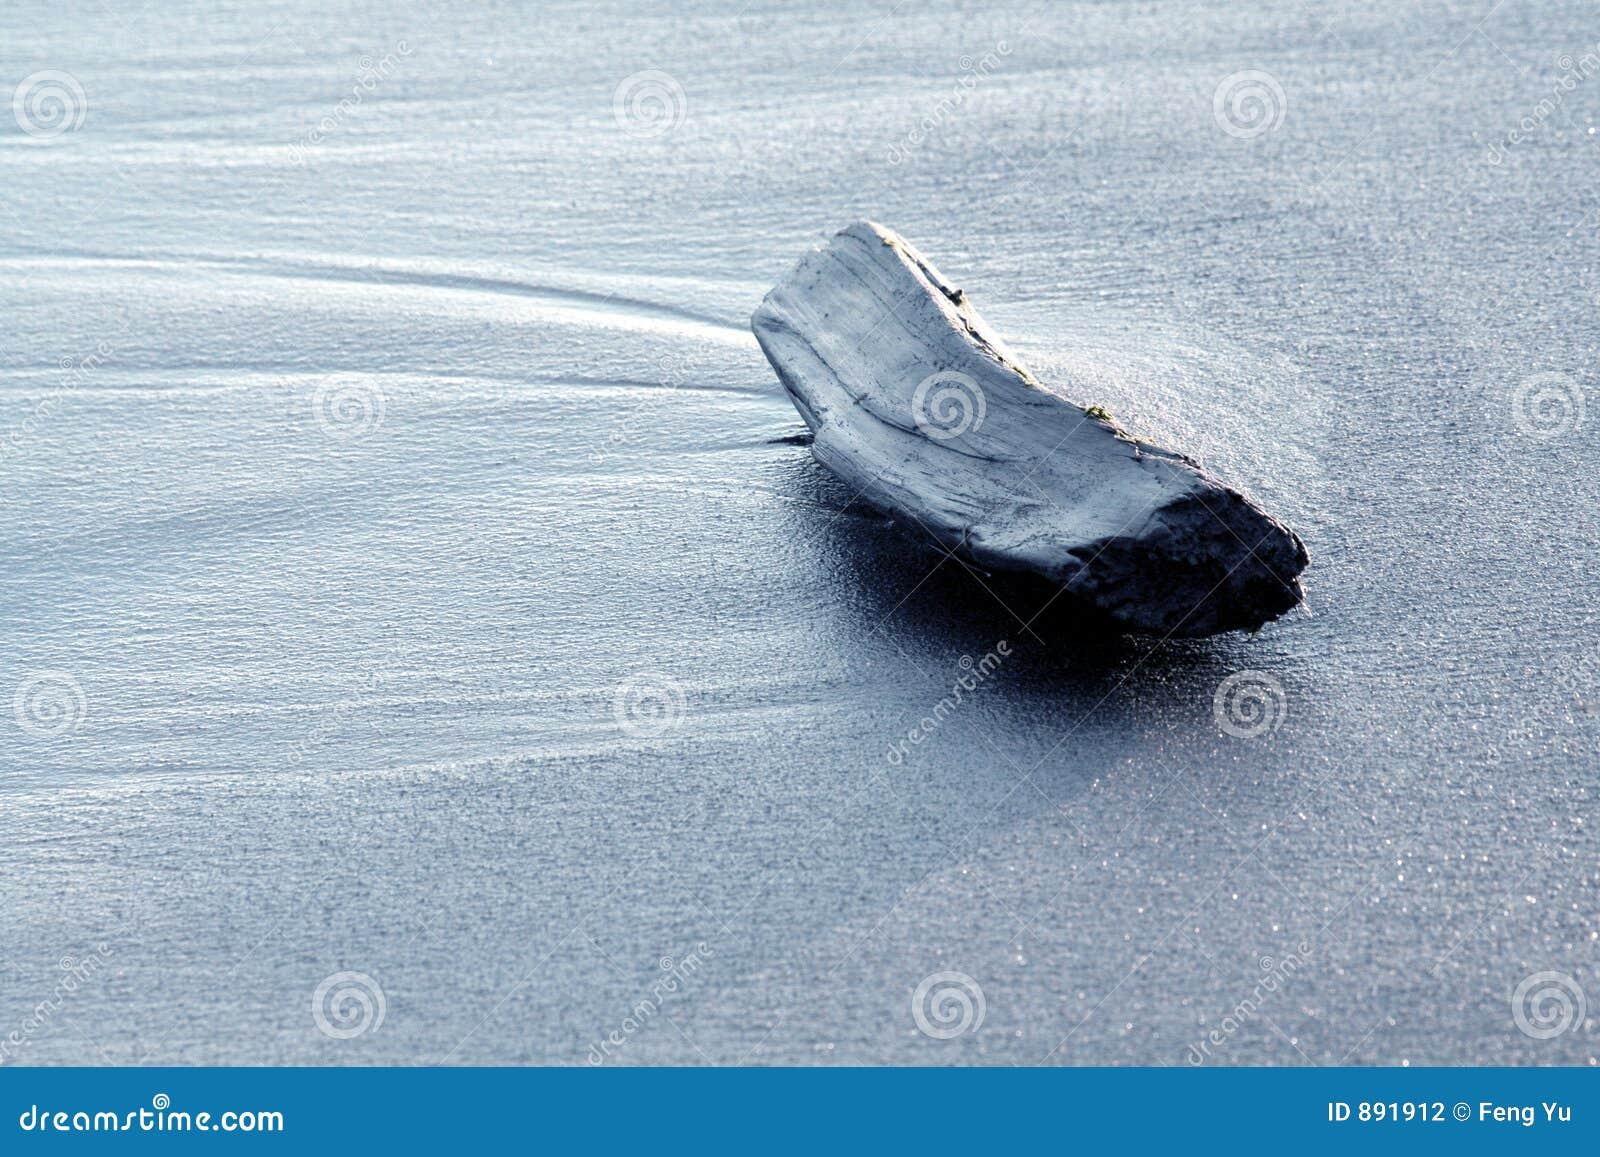 使漂流木头靠岸